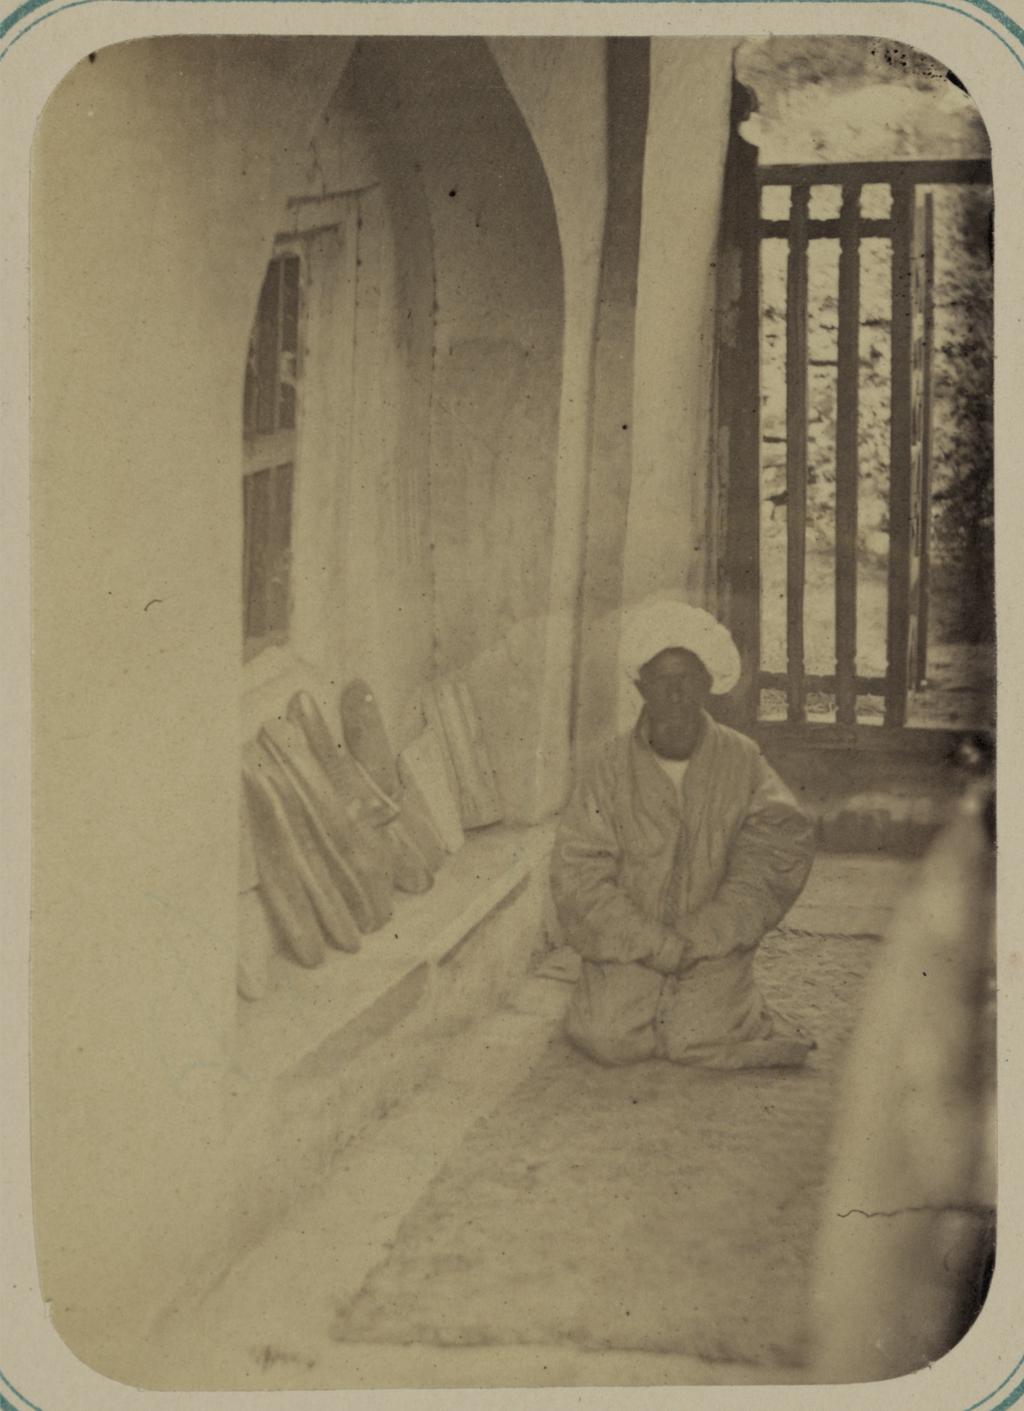 Мавзолей Ходжа Абду-Дарун. Окно из гробницы святого, выходящее в галерею под названием зиаретга